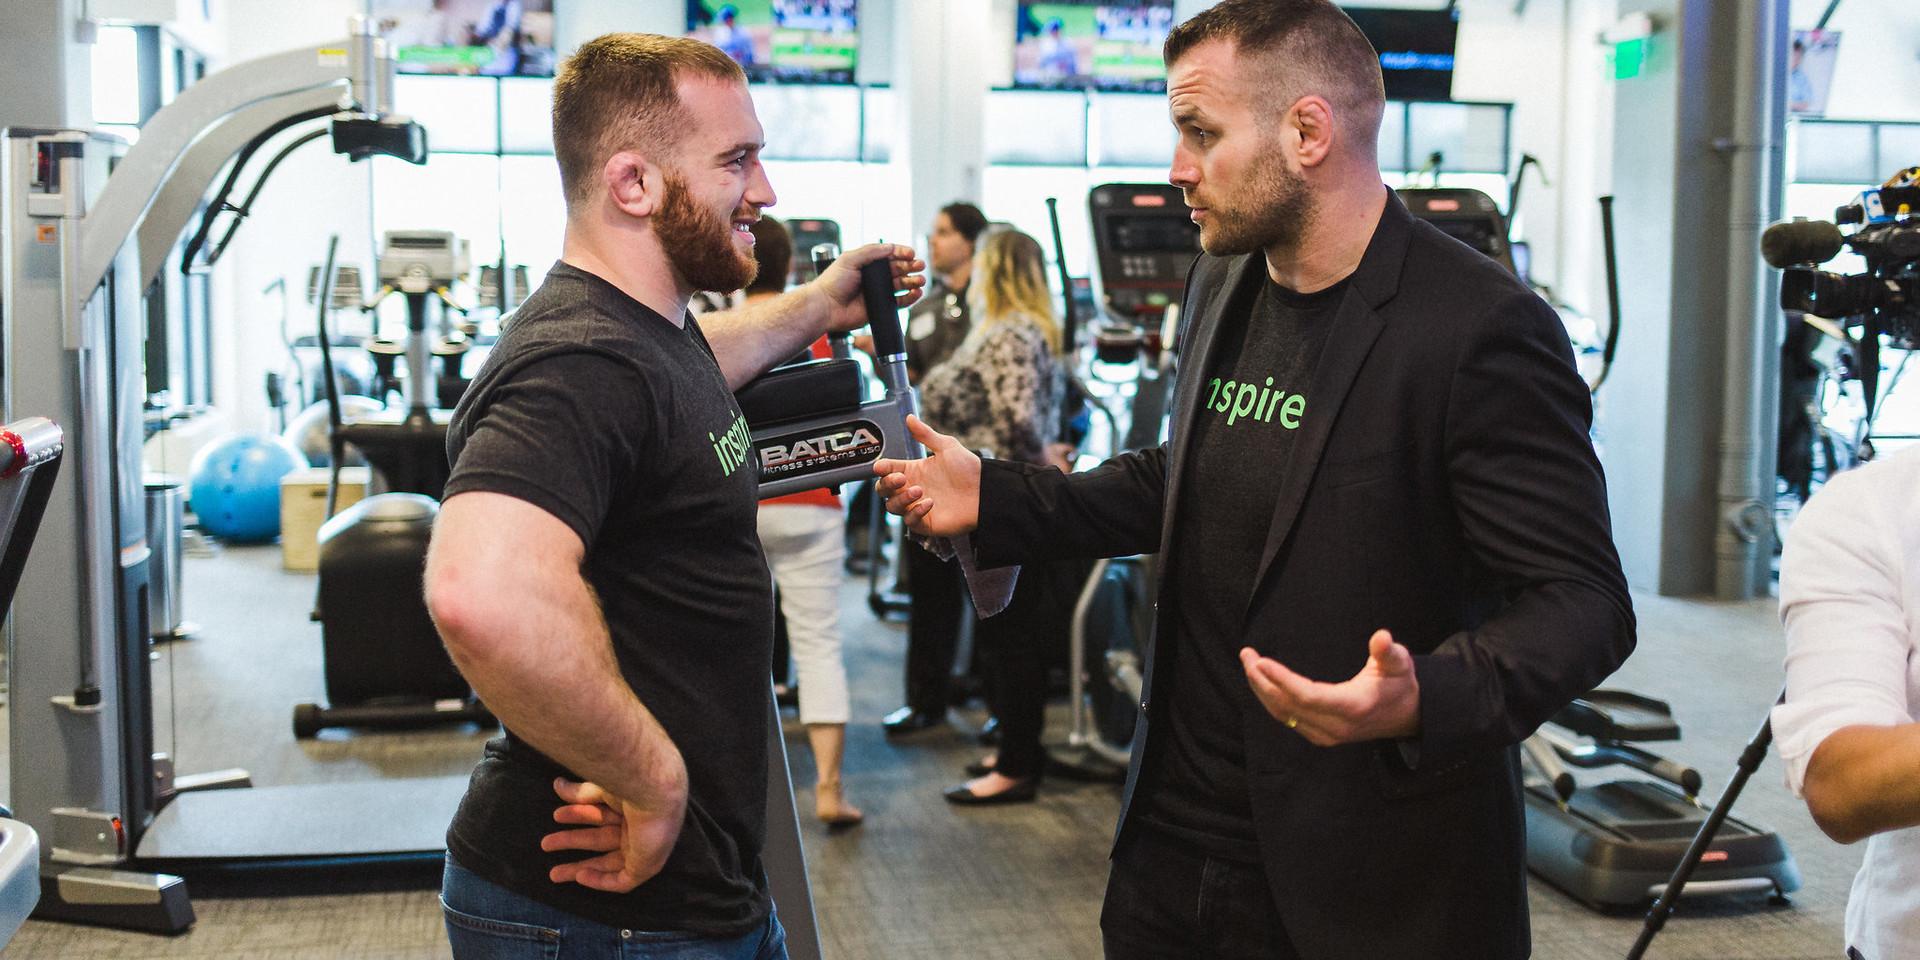 inTeam inspiration Meet & Greet - Mesh Fitness